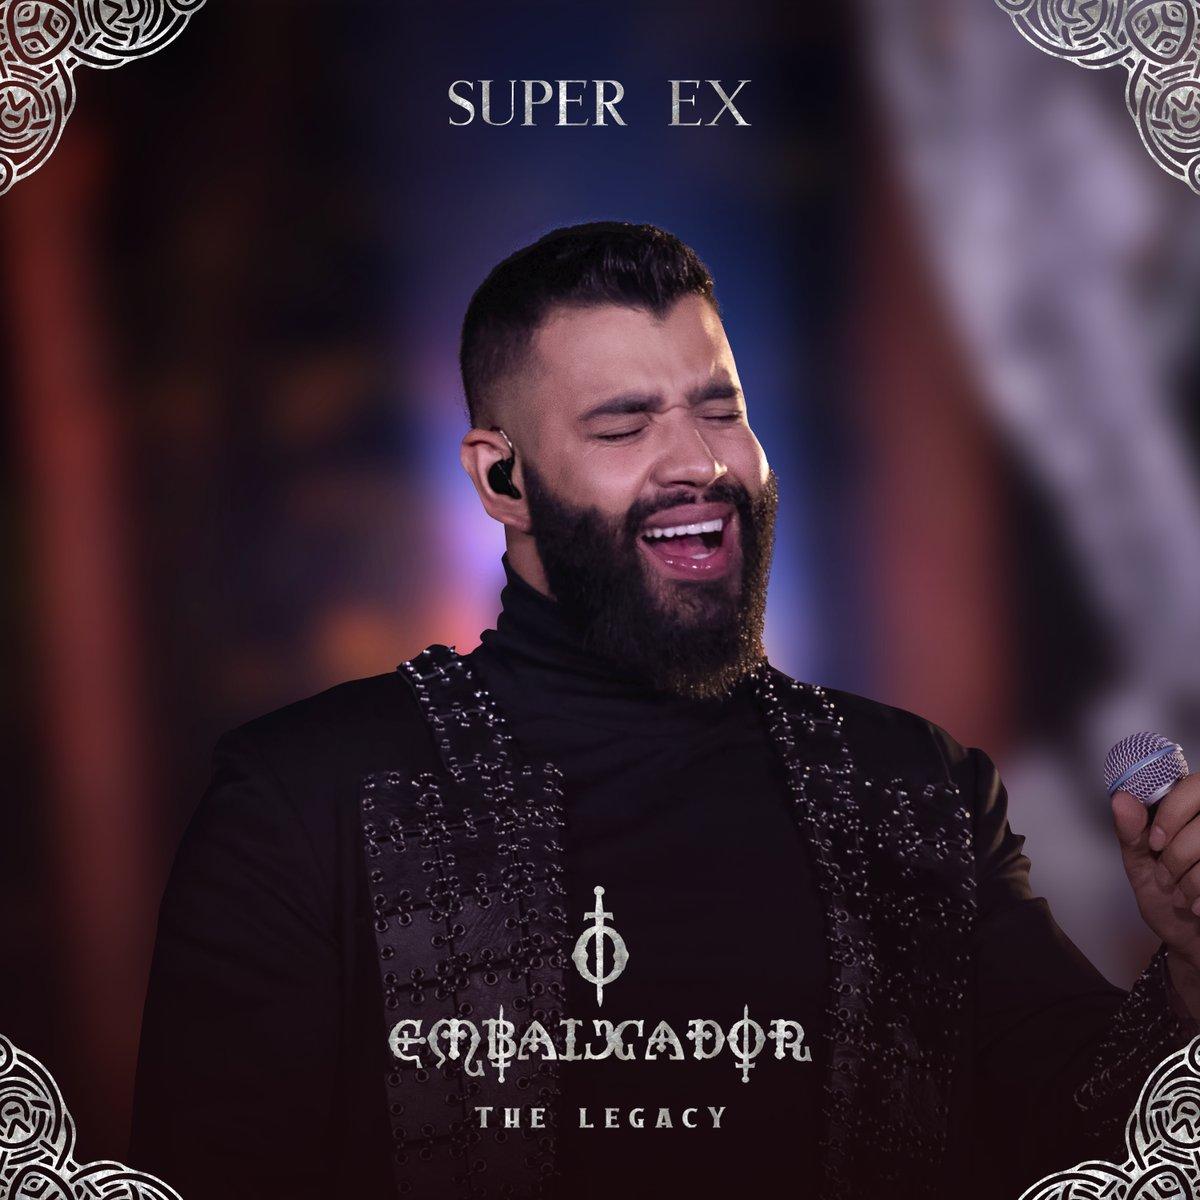 Está no ar, bb! #SuperEx, a nova do #OEmbaixador @Gusttavo_Lima está disponível agora nos apps de música e YouTube! ▶   💛🦾 #OEmbaixadorTheLegacy